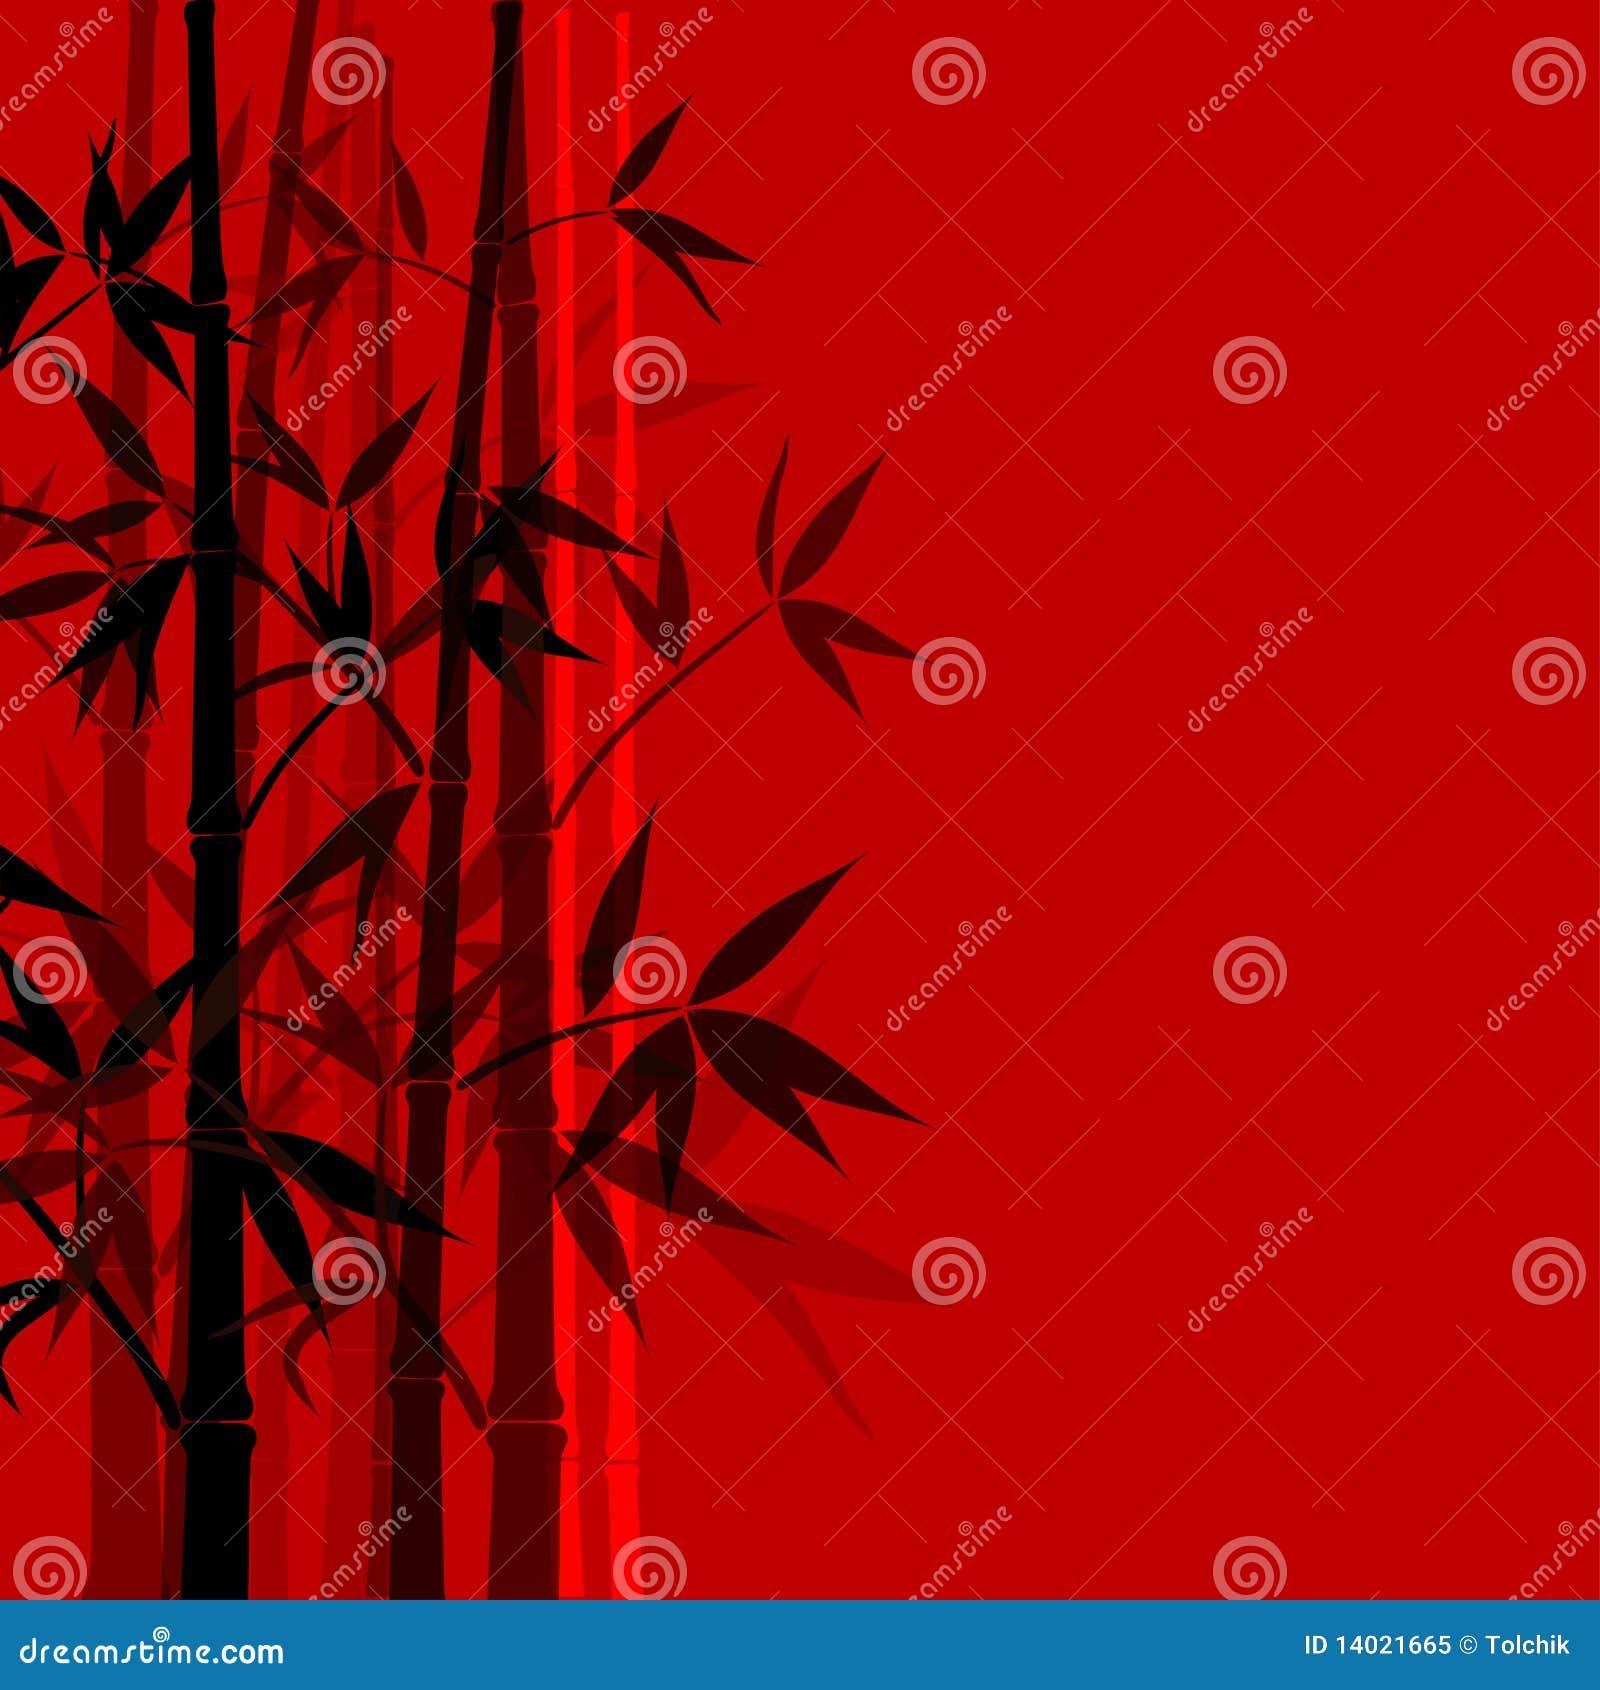 Bambushintergrund, Vektor